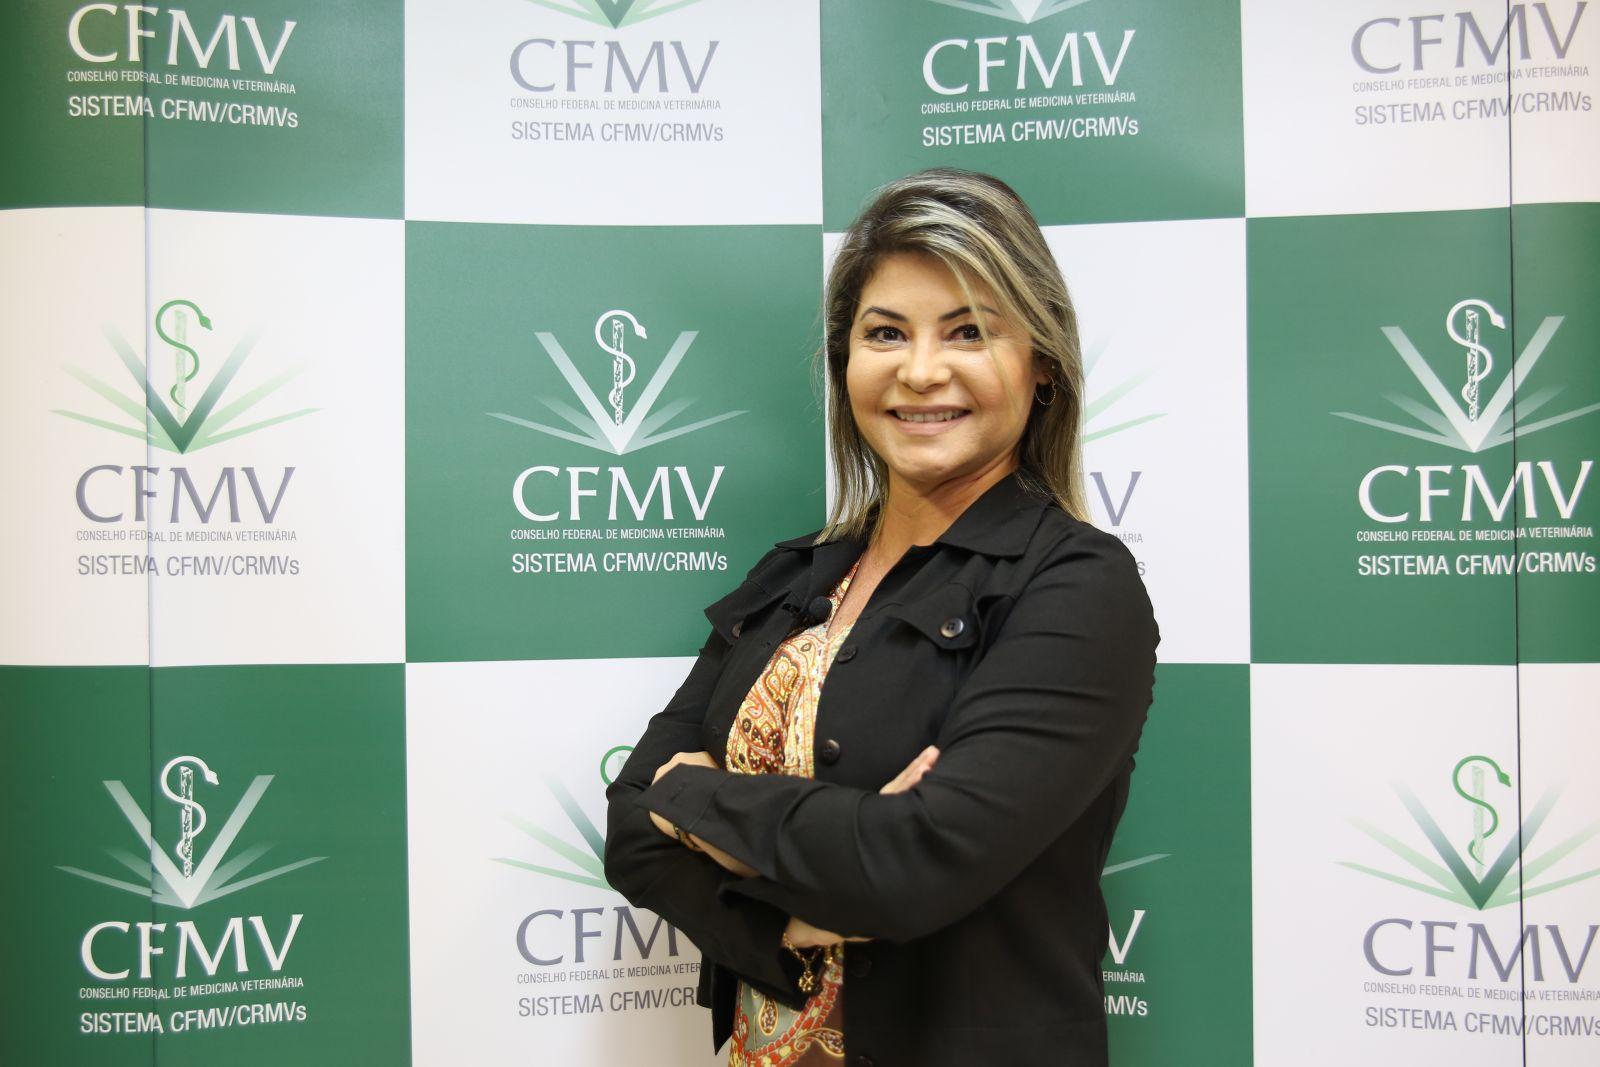 """""""É a união do Sistema CFMV/CRMVs. Vou levar ao nosso estado como gerenciar melhor processos. Parabenizo o CFMV pela criação do NAR""""."""